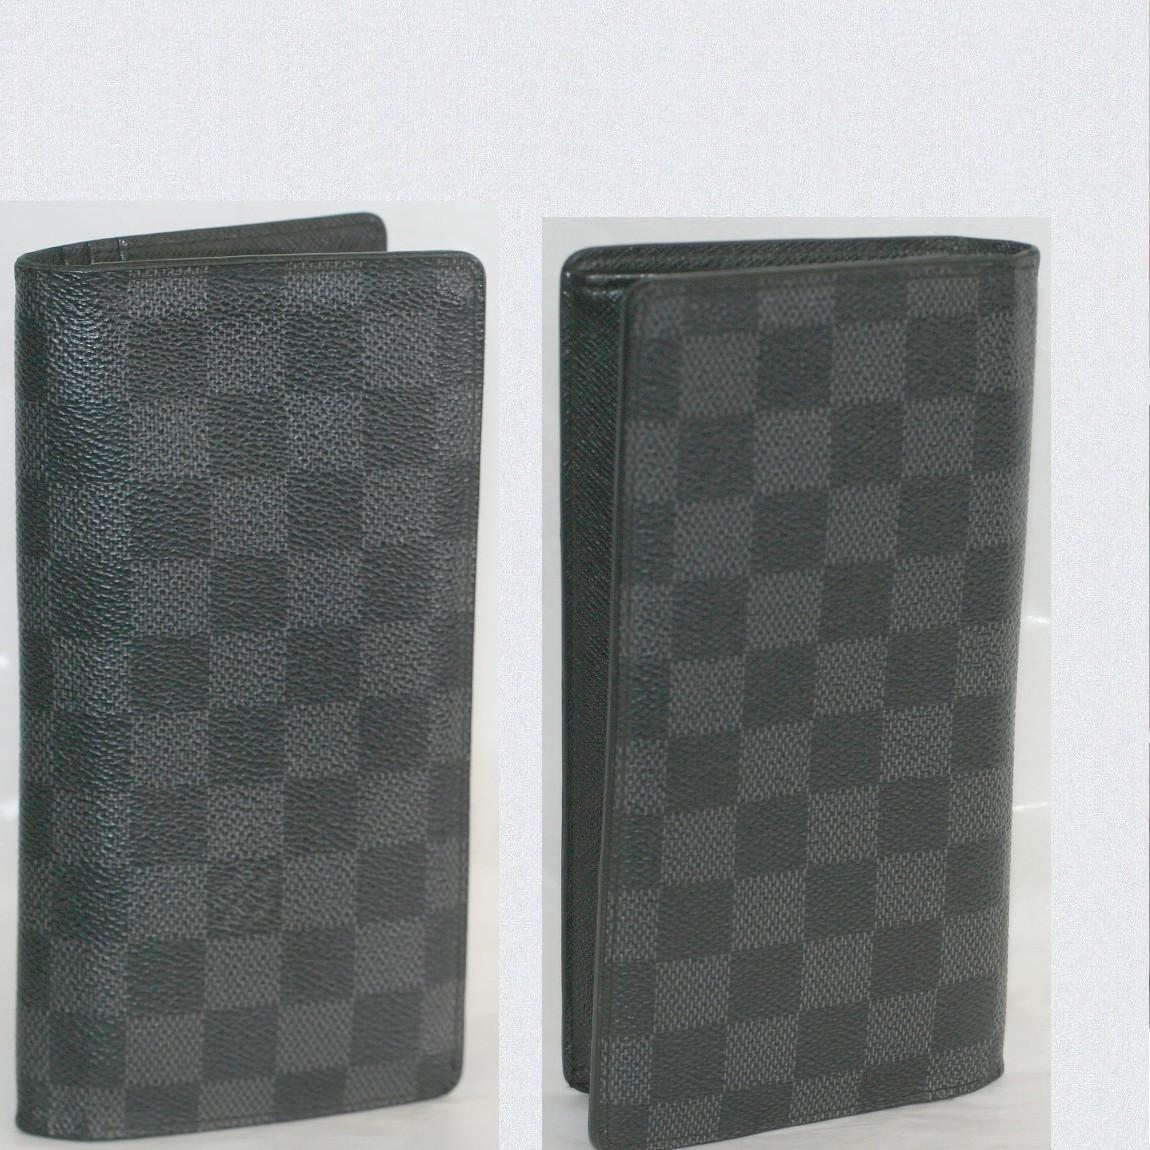 【中古】本物綺麗L/Vダミエグラフィット紳士用ファスナーつき長財布N62665ポルトフォイユ・ブラザ